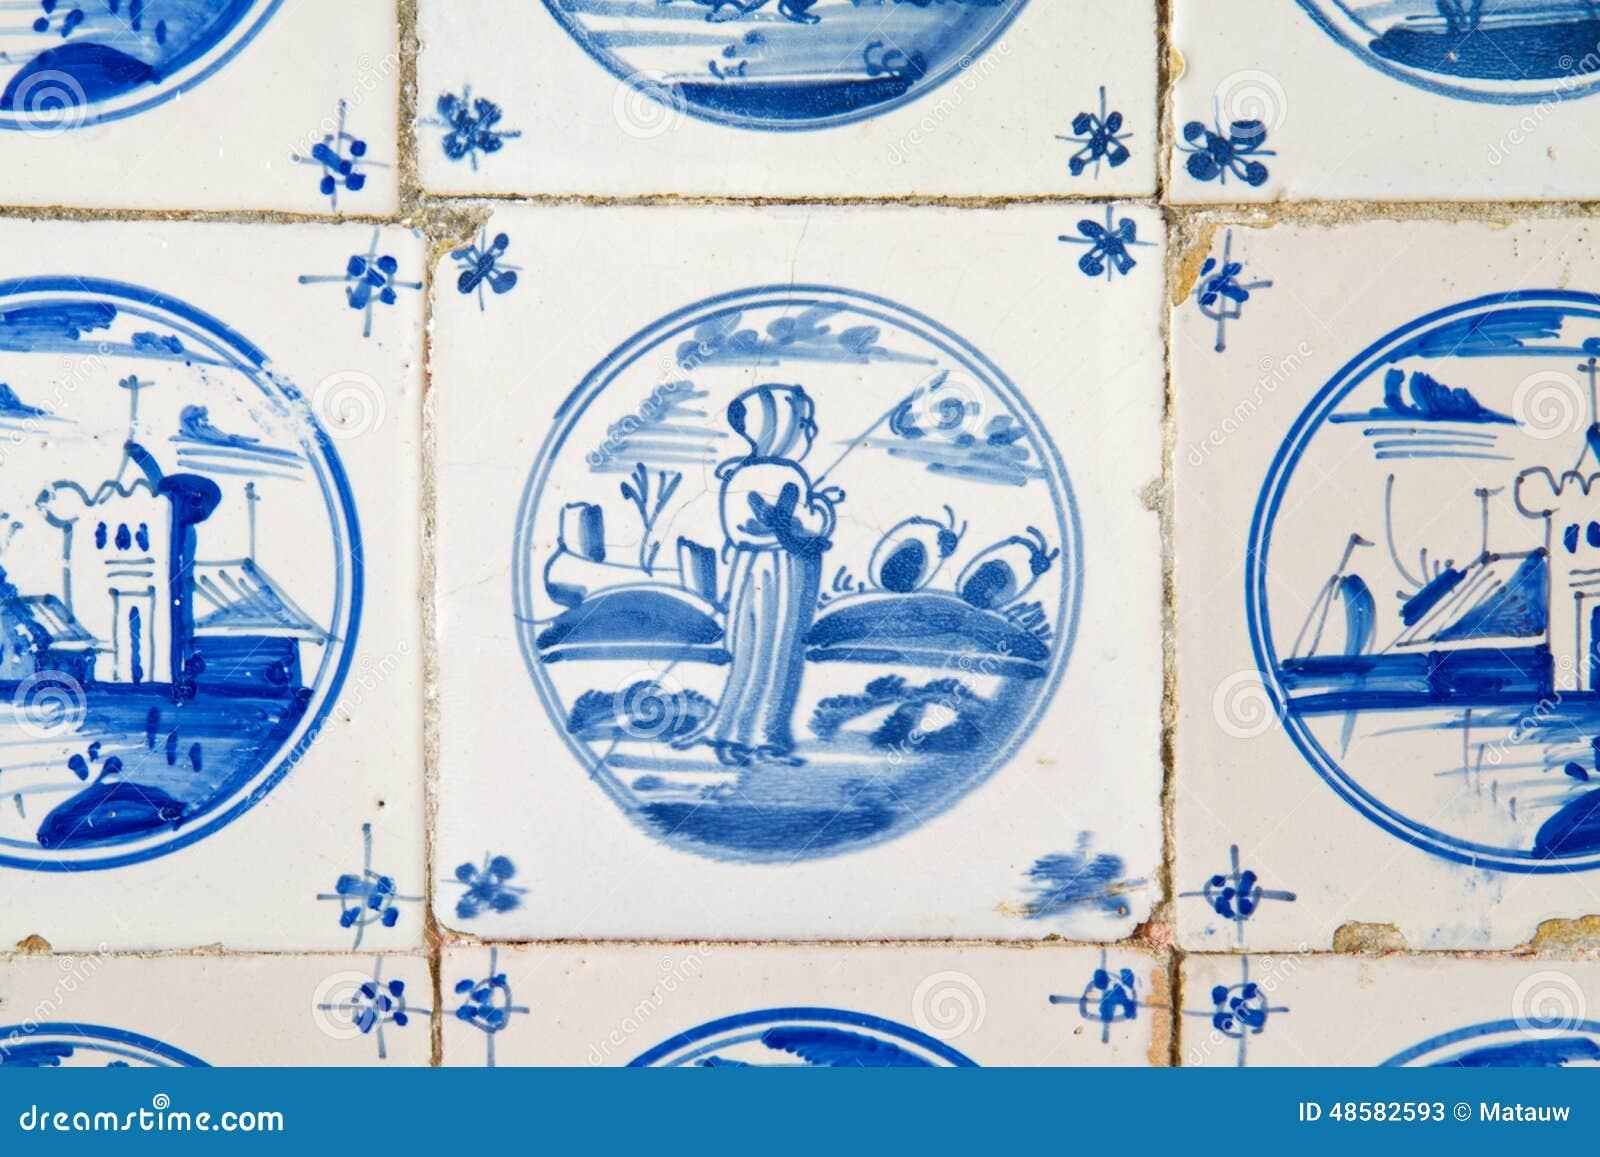 ... op een antieke Nederlandse tegel op de keukenmuur van een oud gebouw